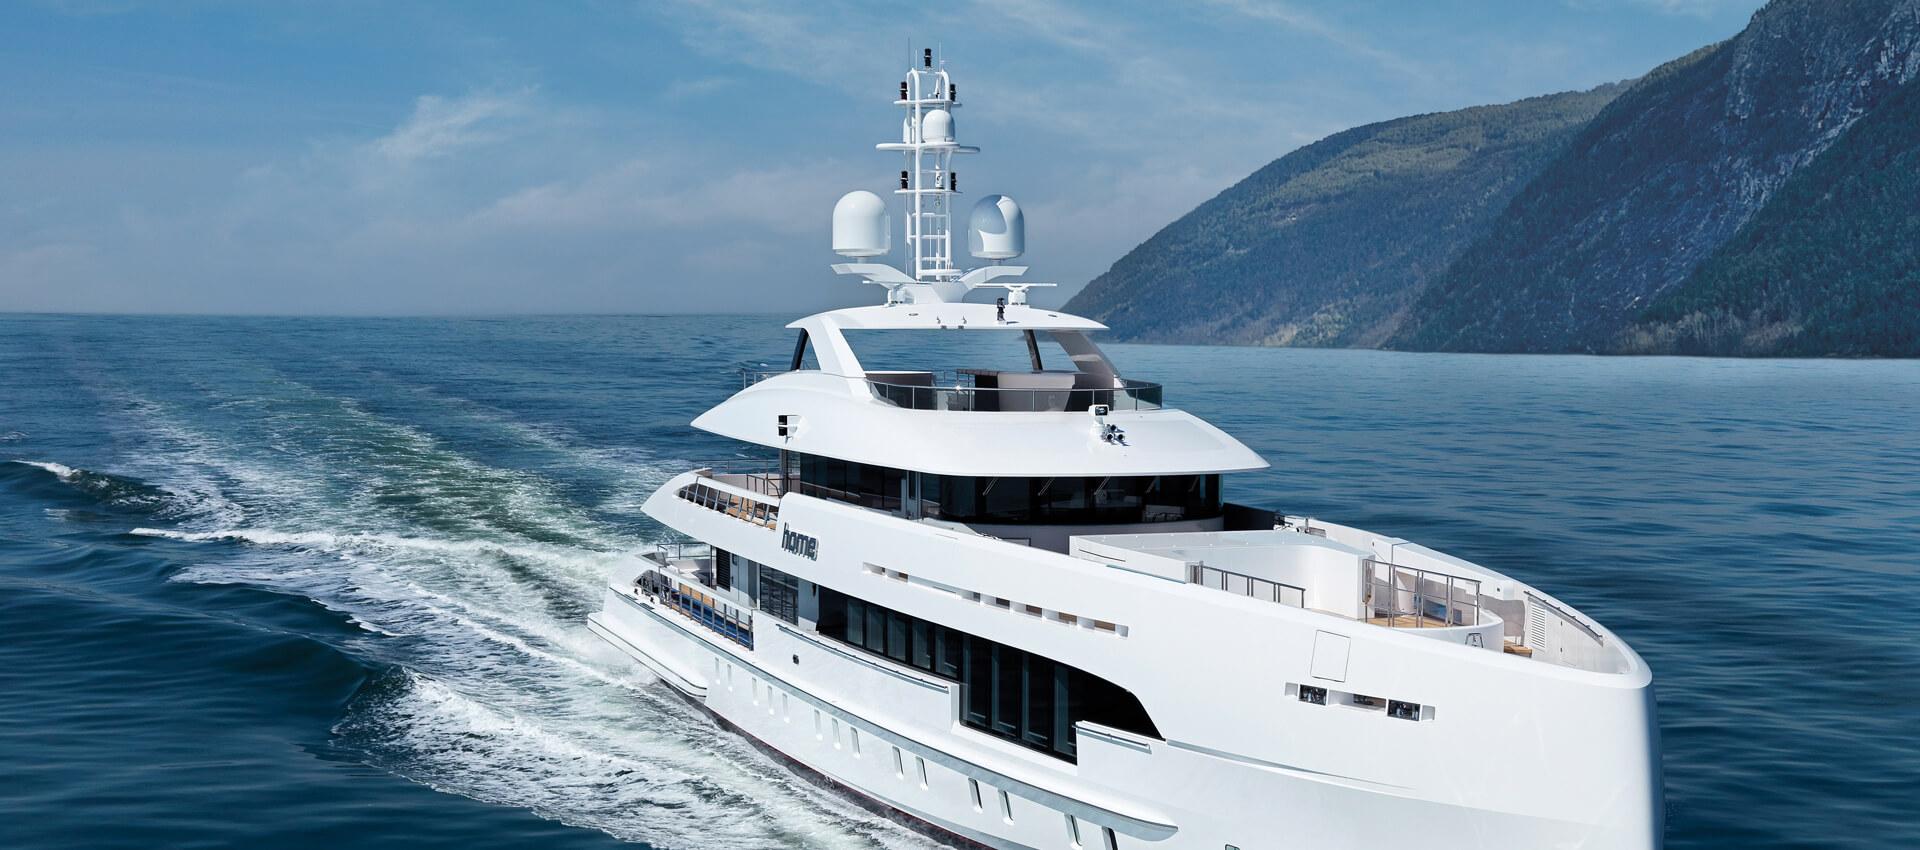 Grand variedad de barcos en venta